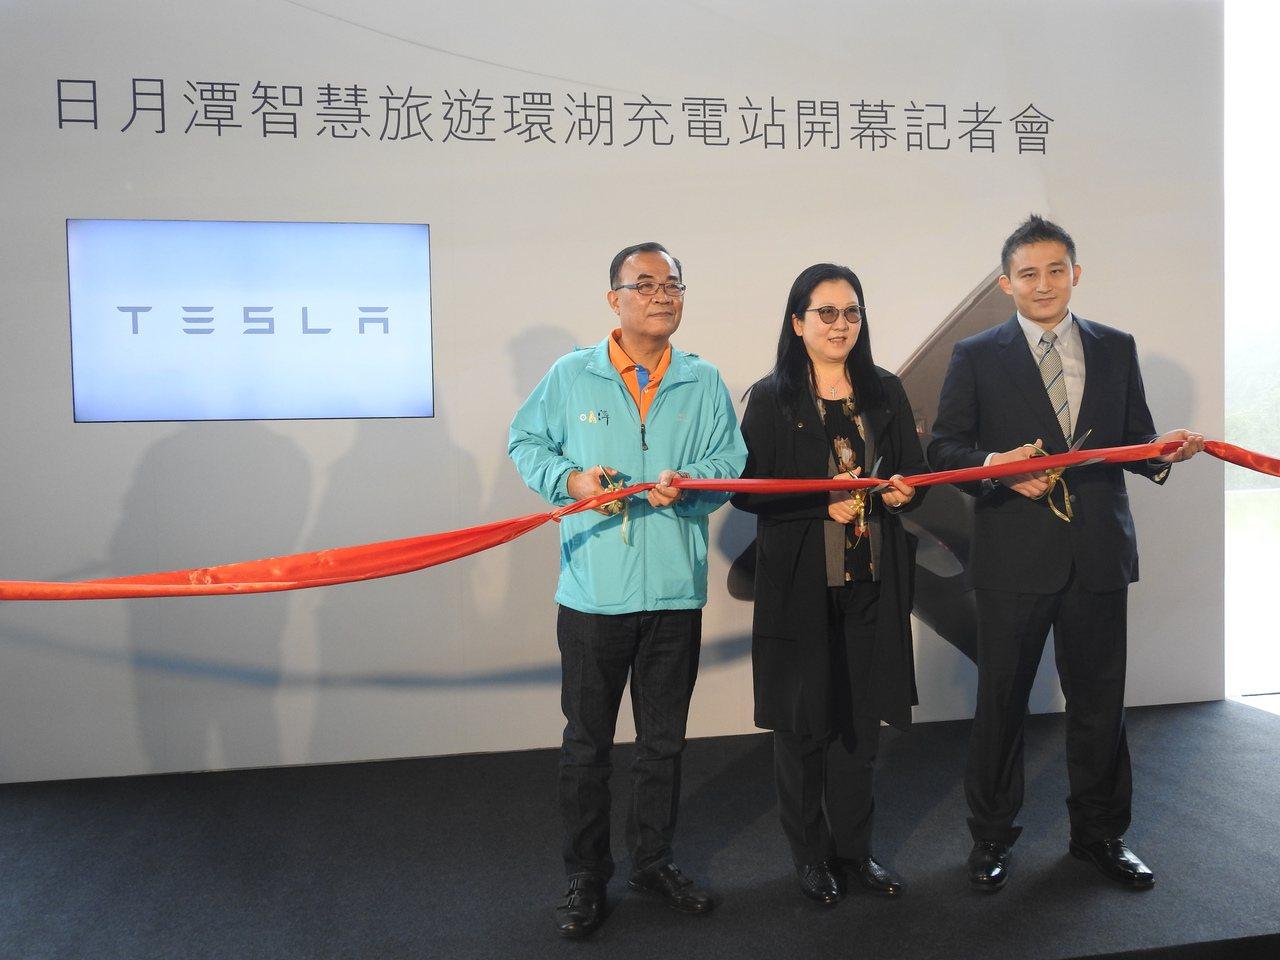 日月潭國家風景區管理處積極推動節能減碳,今正式啟用智慧旅遊充電環境,供電動車使用...